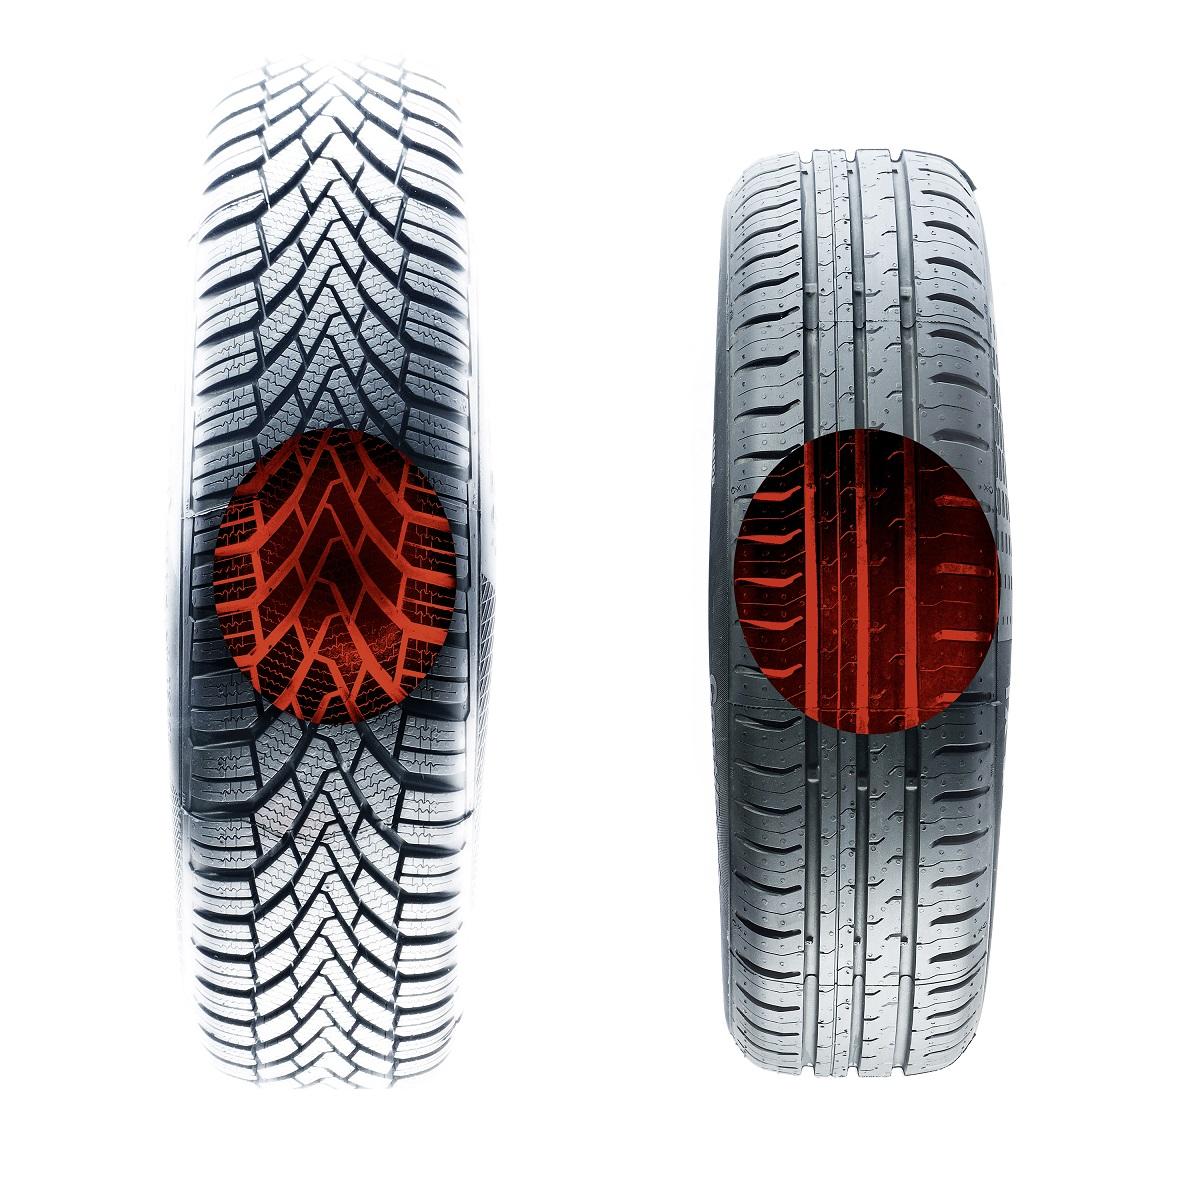 Konstruktion von Sommerreifen und Winterreifen. Vergleich Ganzjahresreifen z.B. im Sommer Bildquelle: Initiative Reifenqualitaet